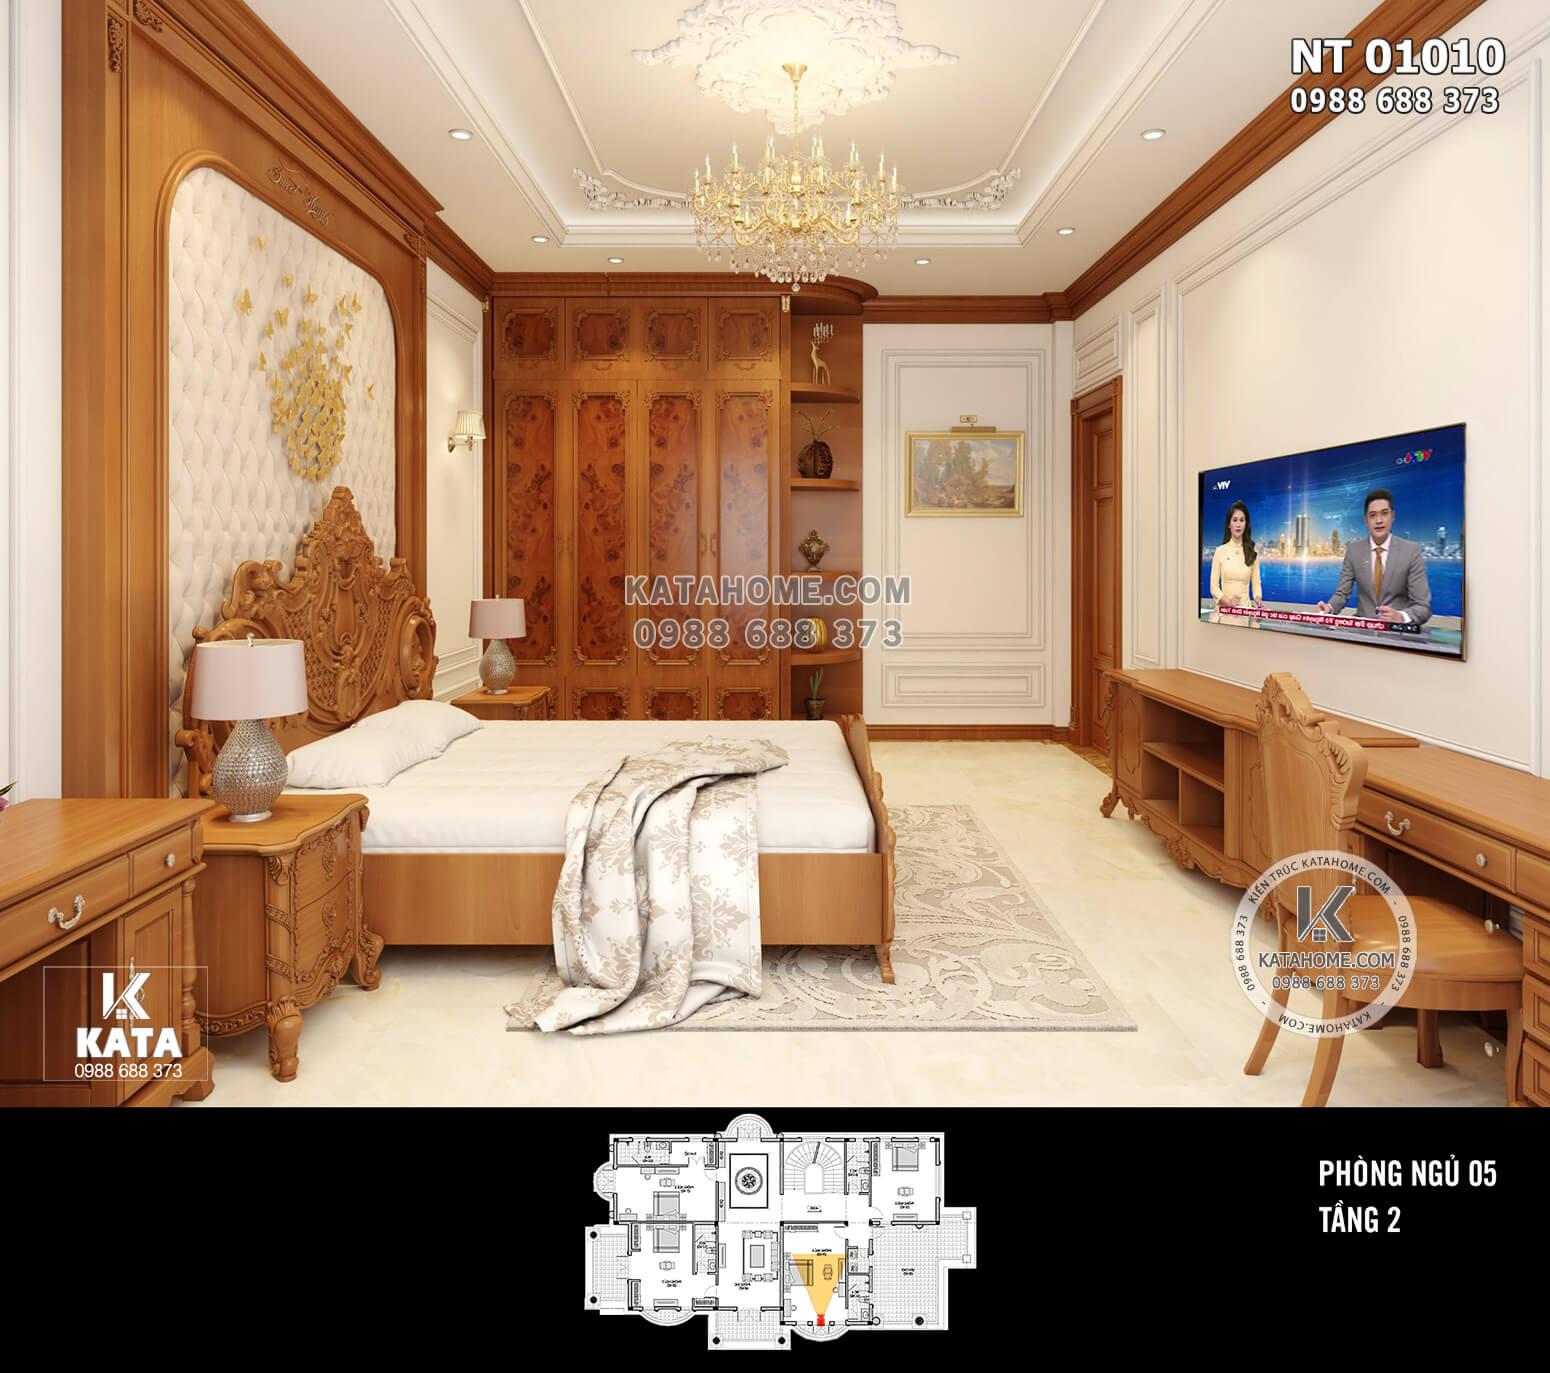 Hình ảnh: Không gian phòng ngủ sang trọng đẳng cấp - NT 01010